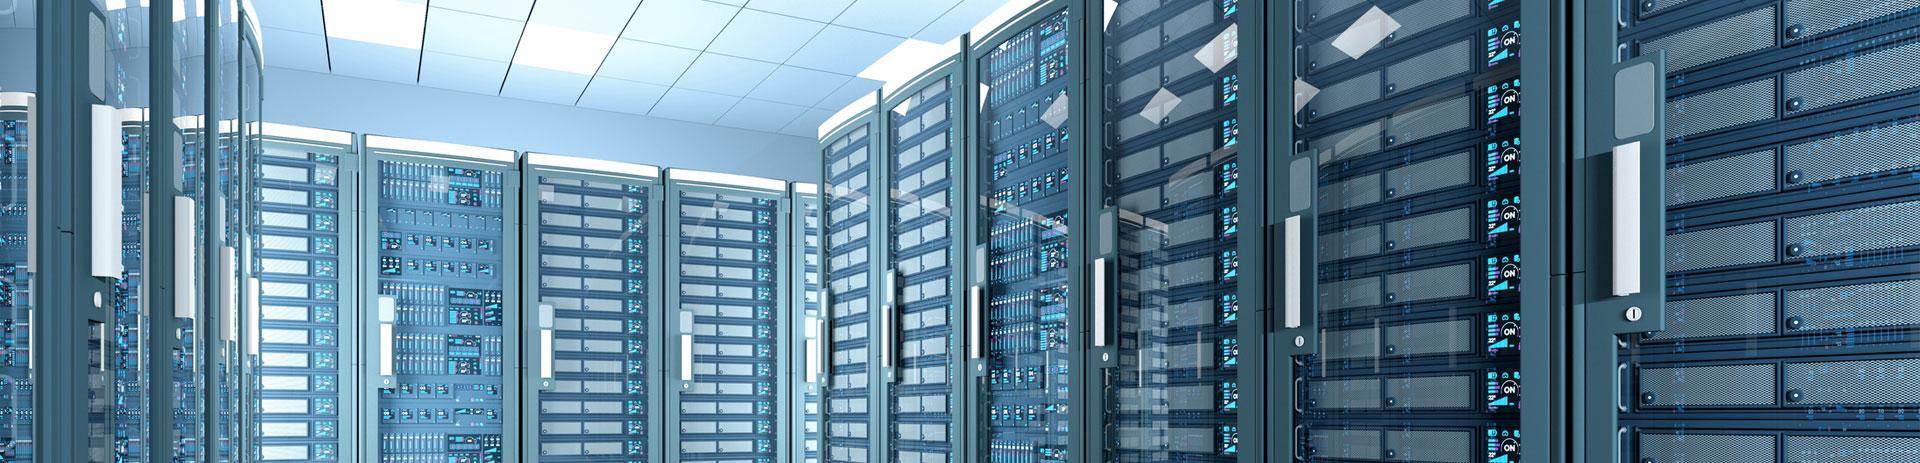 Blick in einen hochmodernen Rechner/Serverraum